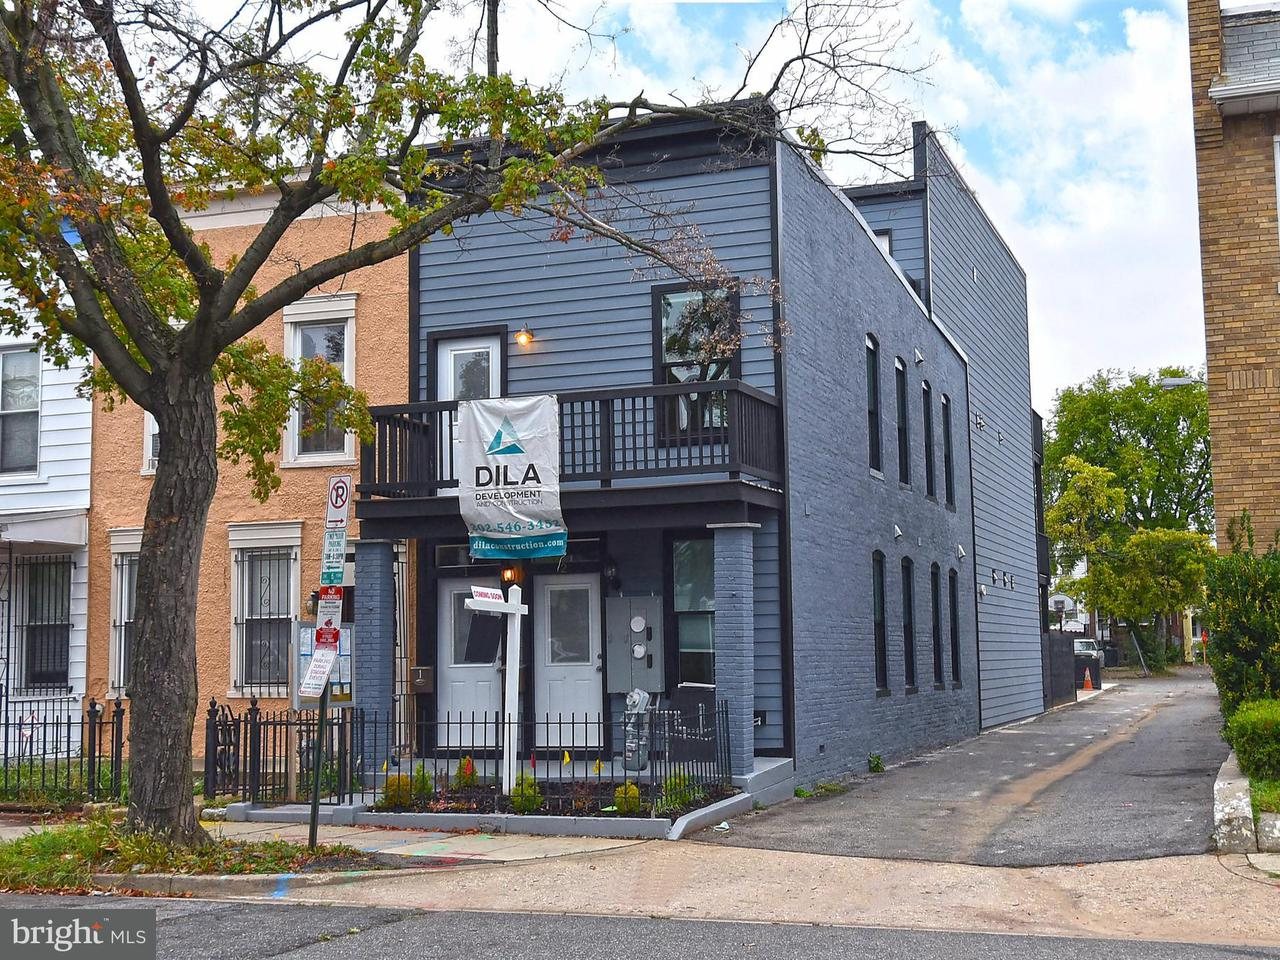 タウンハウス のために 売買 アット 1722 Independence Ave Se #1 1722 Independence Ave Se #1 Washington, コロンビア特別区 20003 アメリカ合衆国